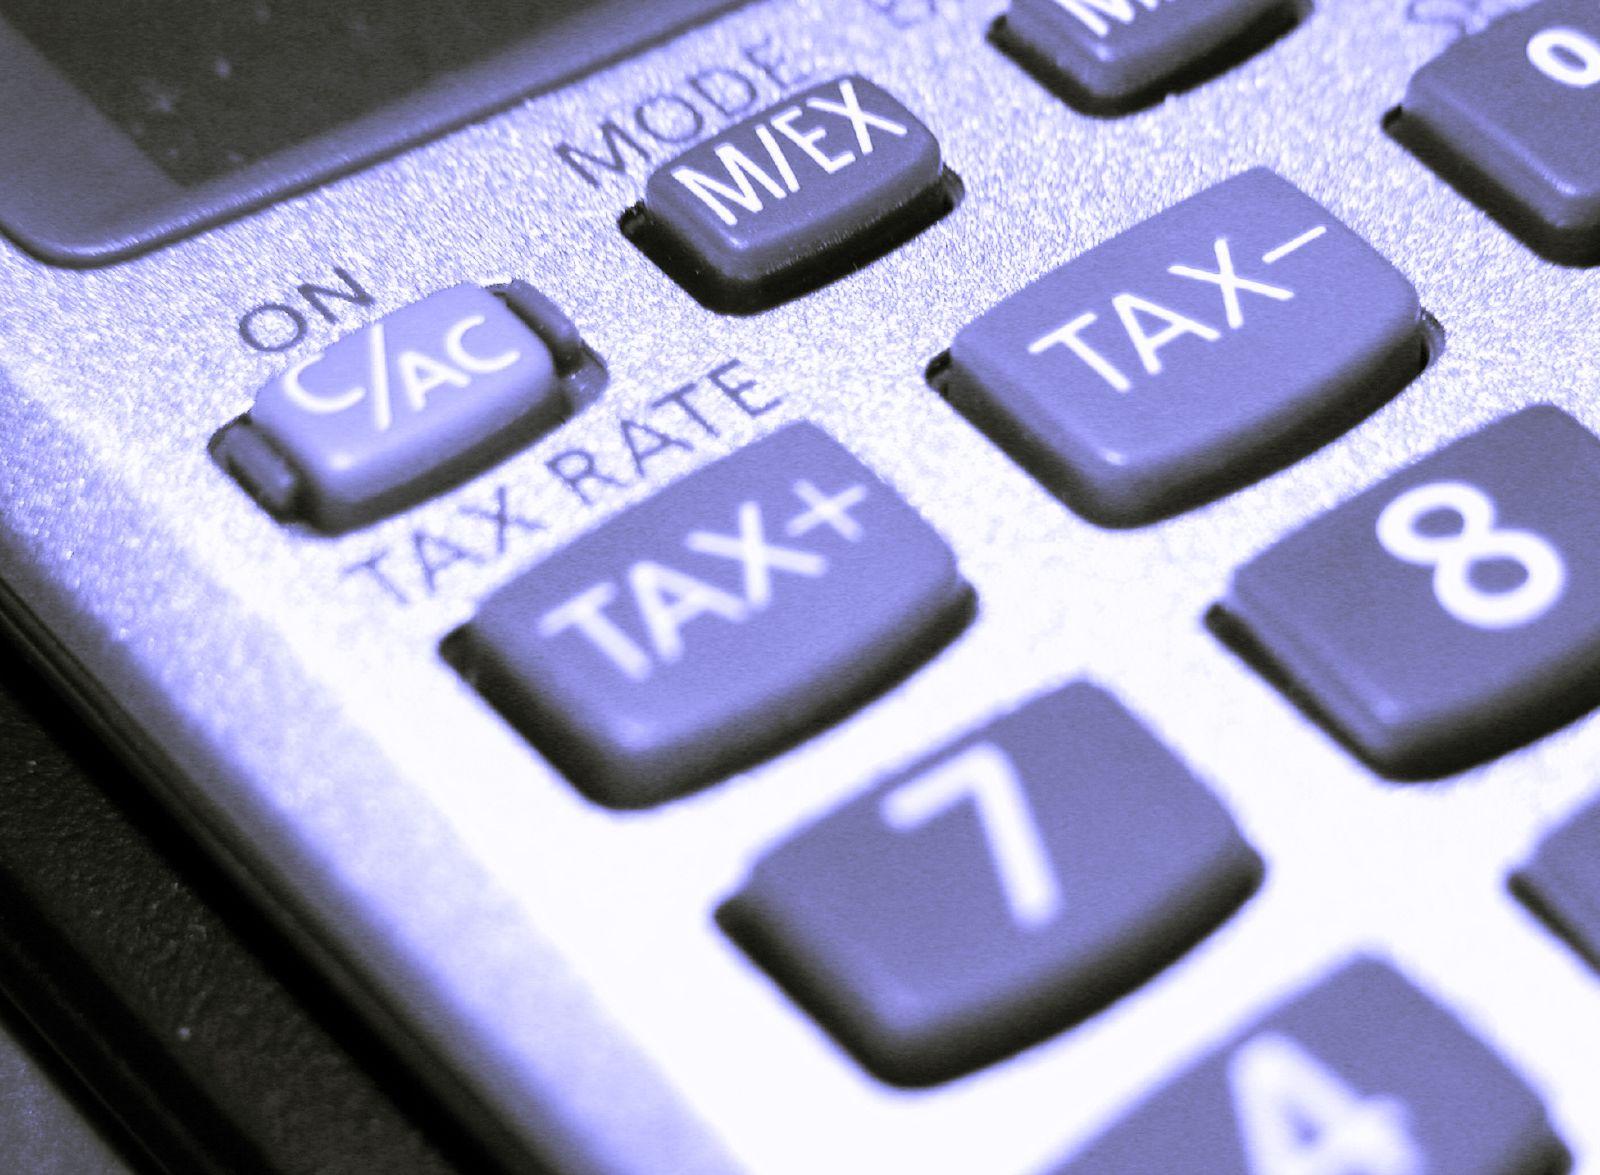 blokklánc adófizetés - blokklánc és bürokráciamentes ügyintézés